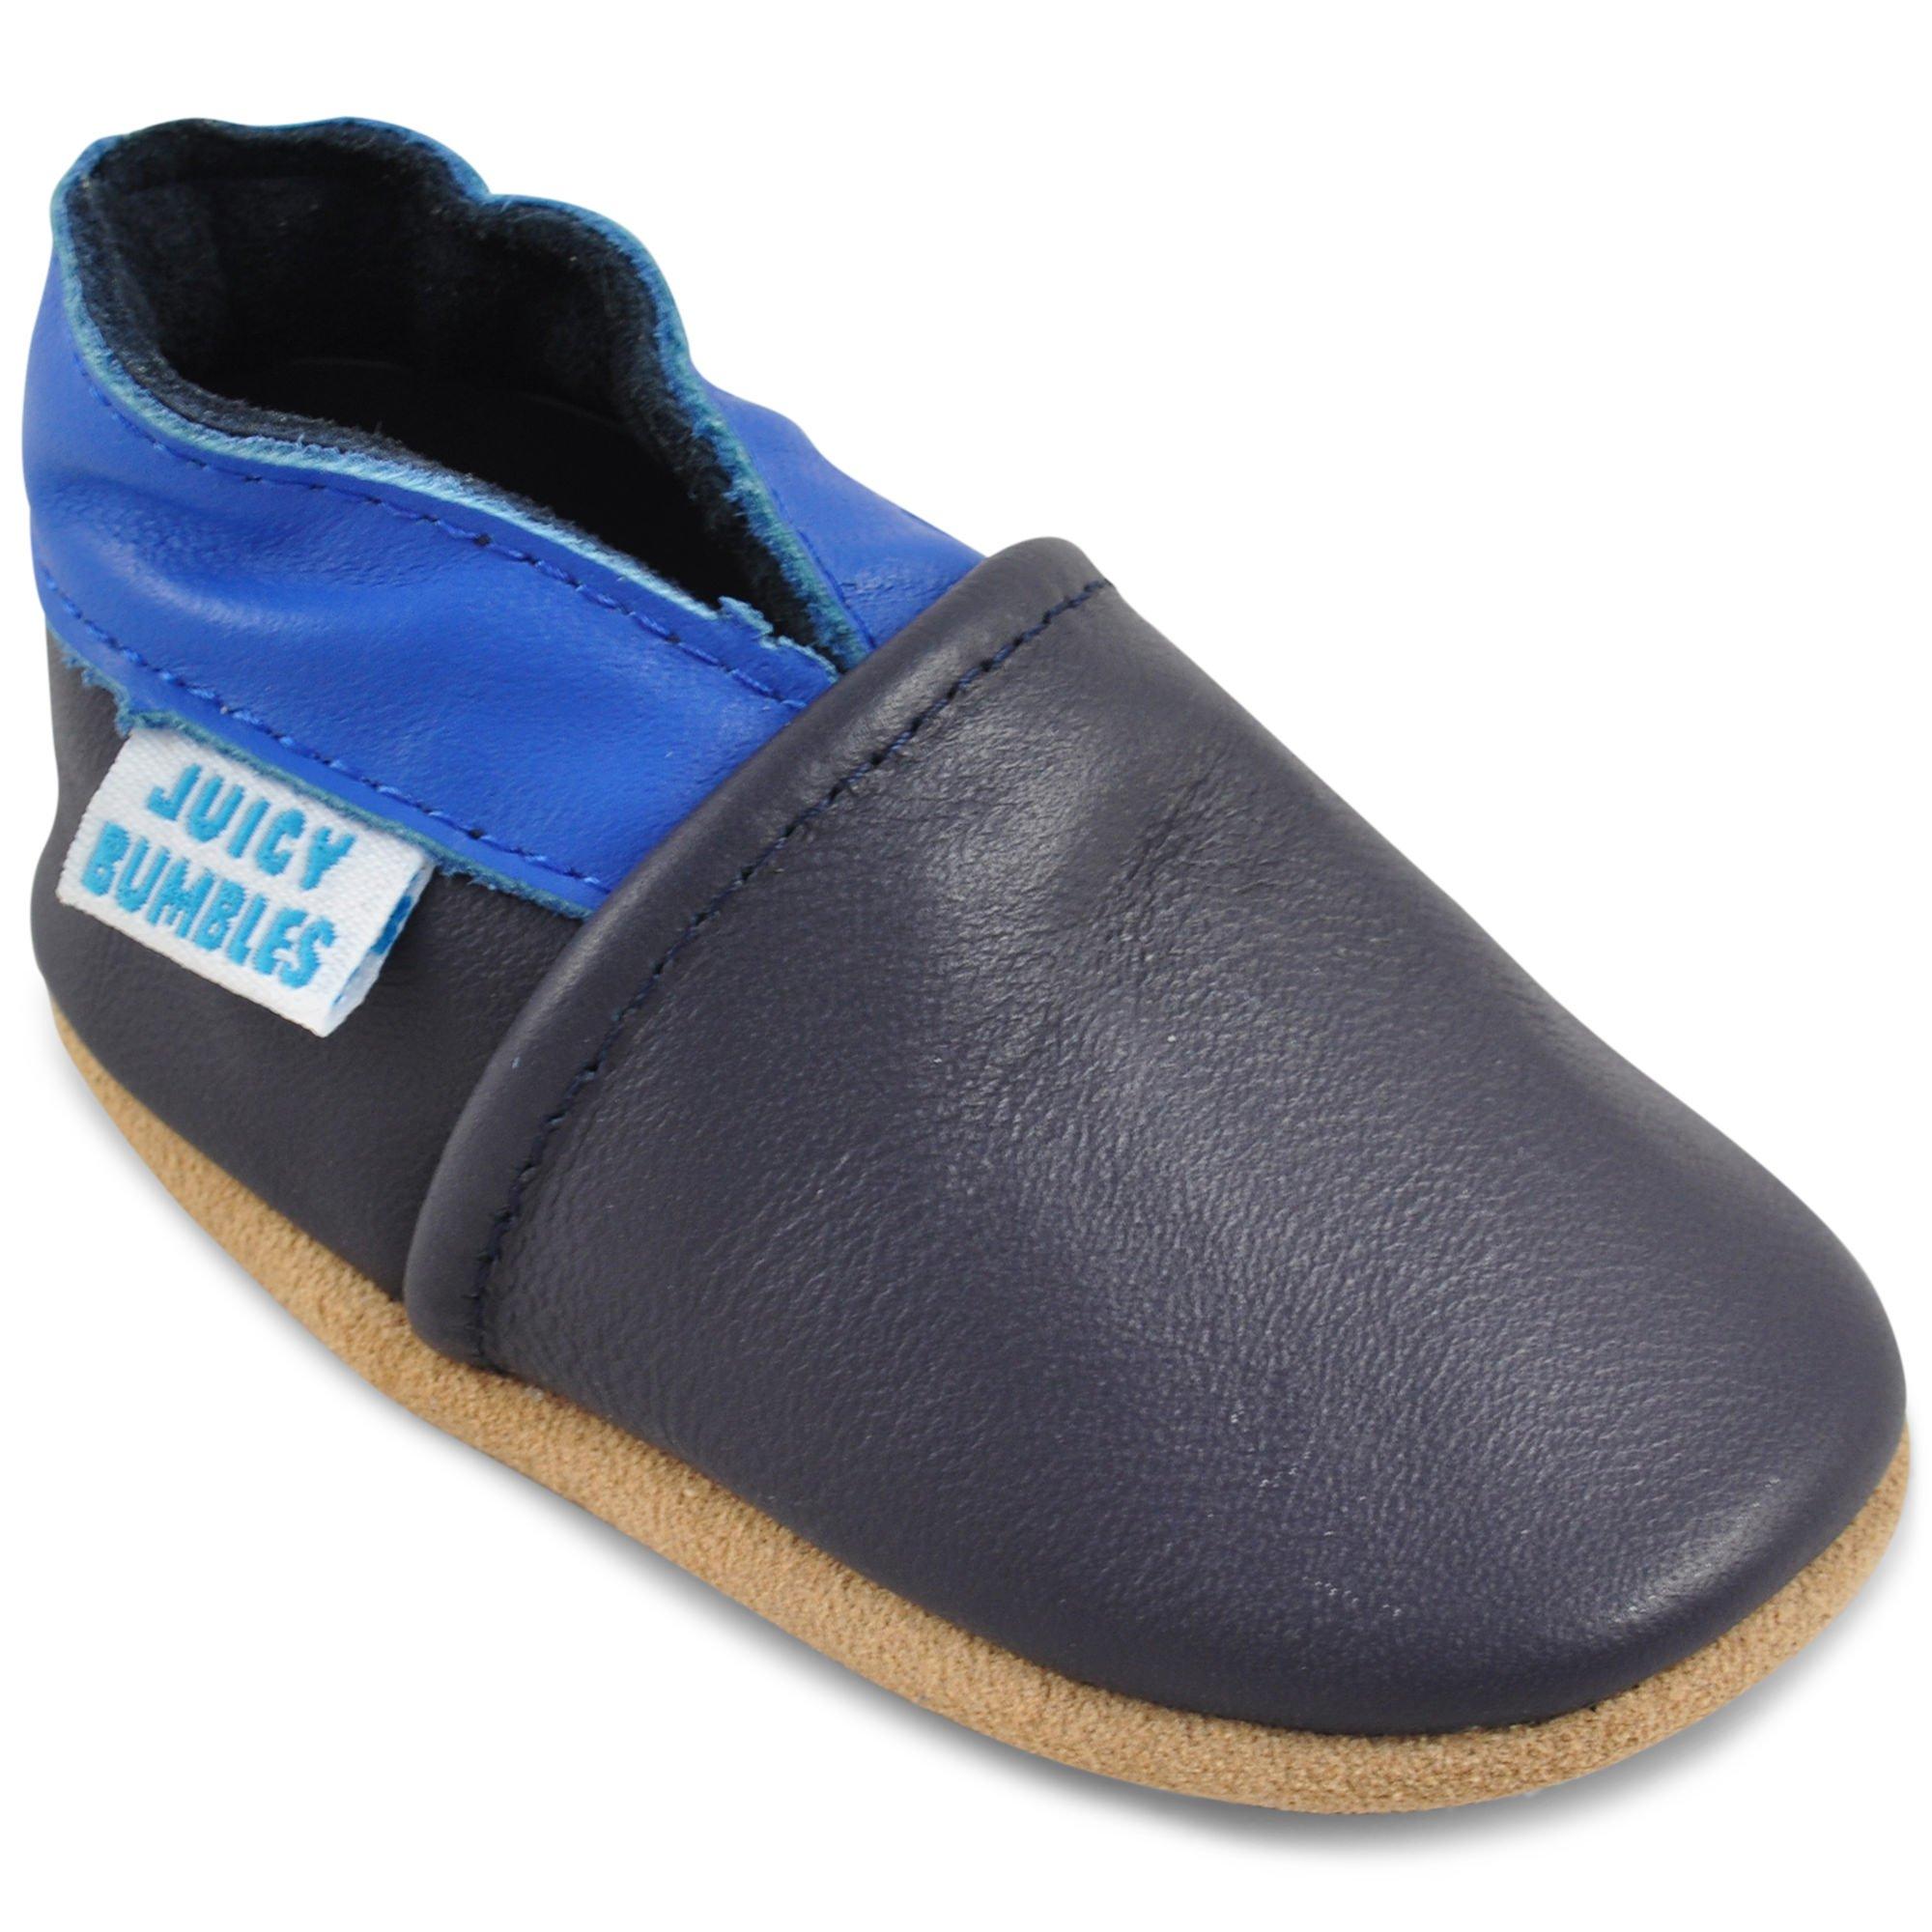 8553fc27cf5d3 Juicy Bumbles Chaussures Bébé - Chaussons Bébé - Chaussons Cuir Souple -  Chaussures Cuir Souple Premiers Pas - Bébé Fille Chaussures Bébé Garçon